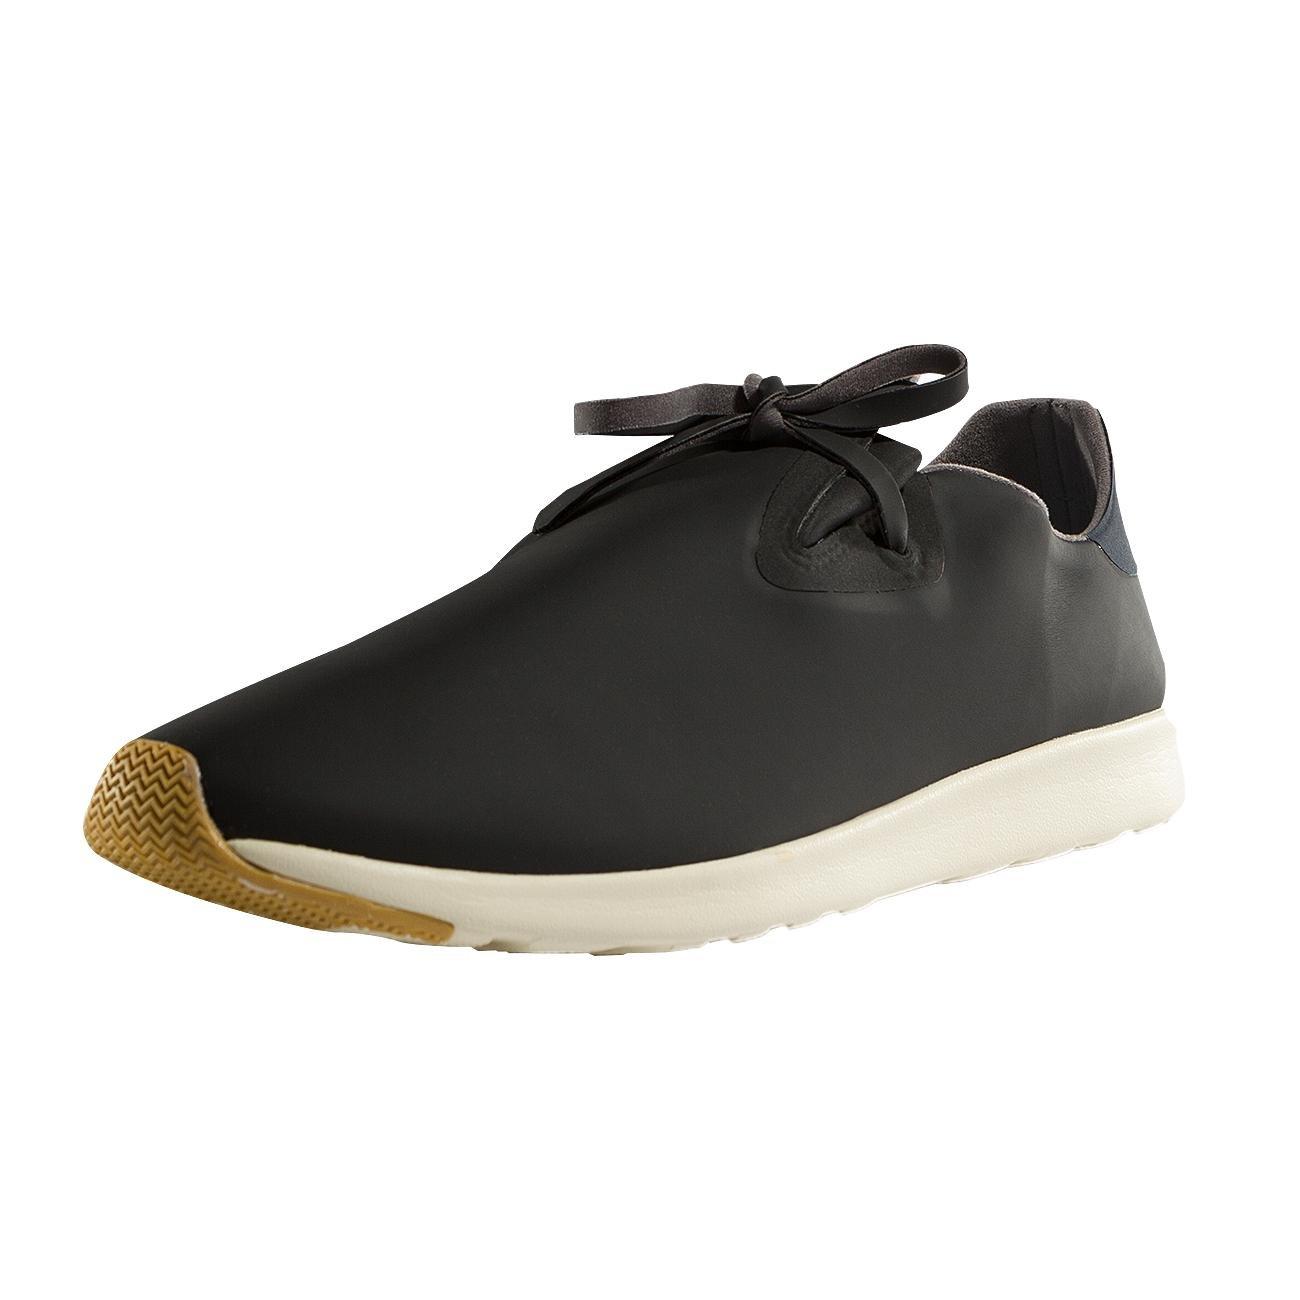 Native Unisex Apollo Moc Fashion Sneaker. Jiffy Black/Regatta Blue/Bone White/Natural Rubber